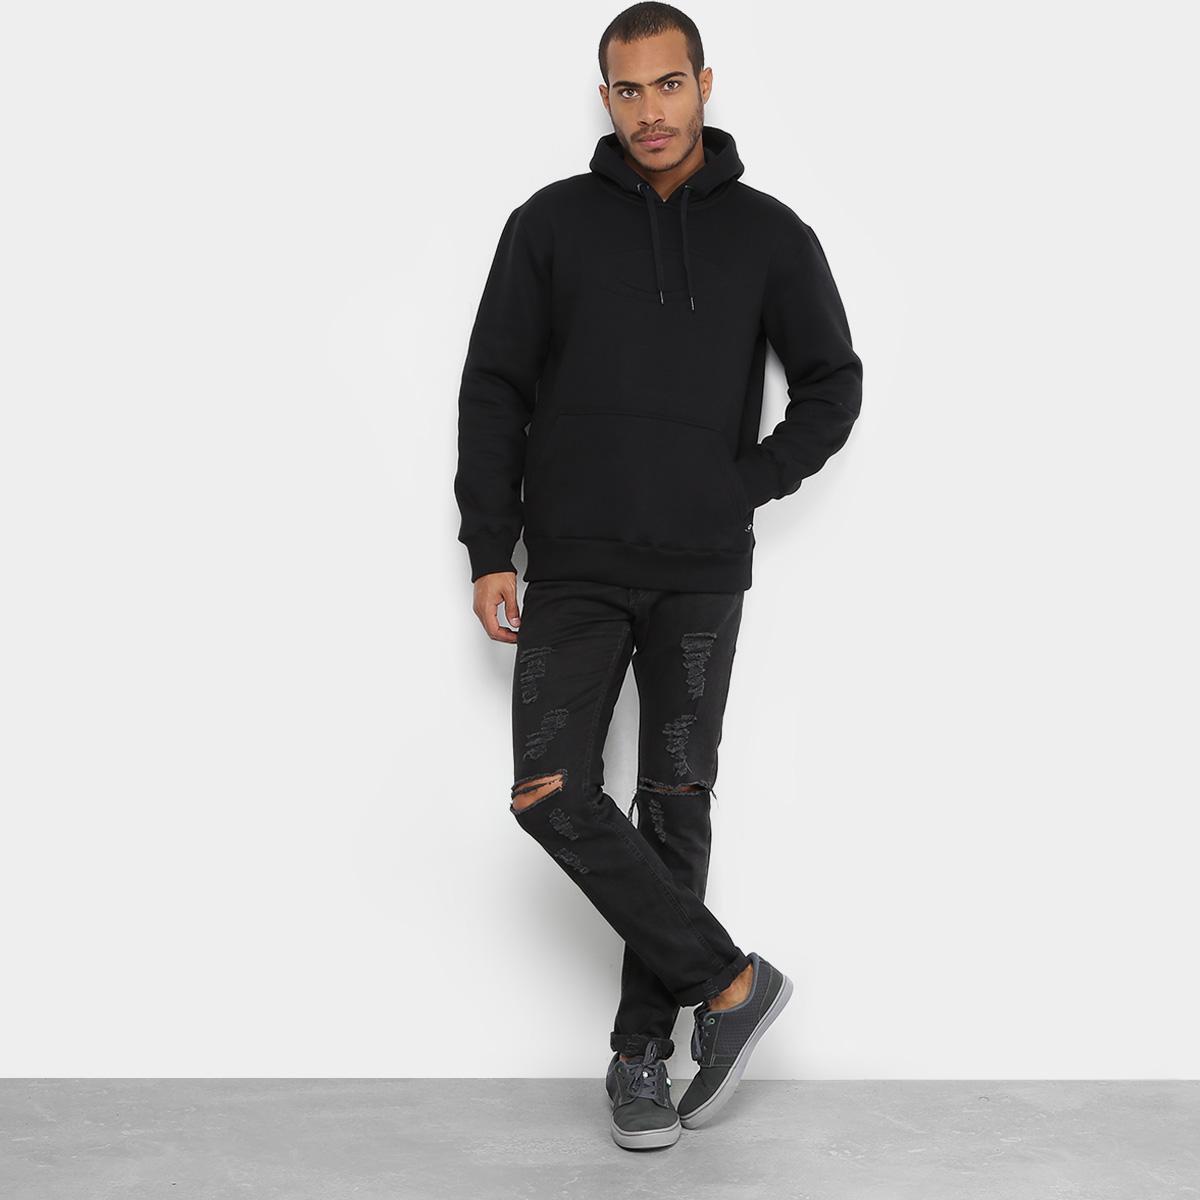 Moletom Oakley Mod One Brand 2.0 Pullover Masculino - Preto - Compre ... 6e44610ada